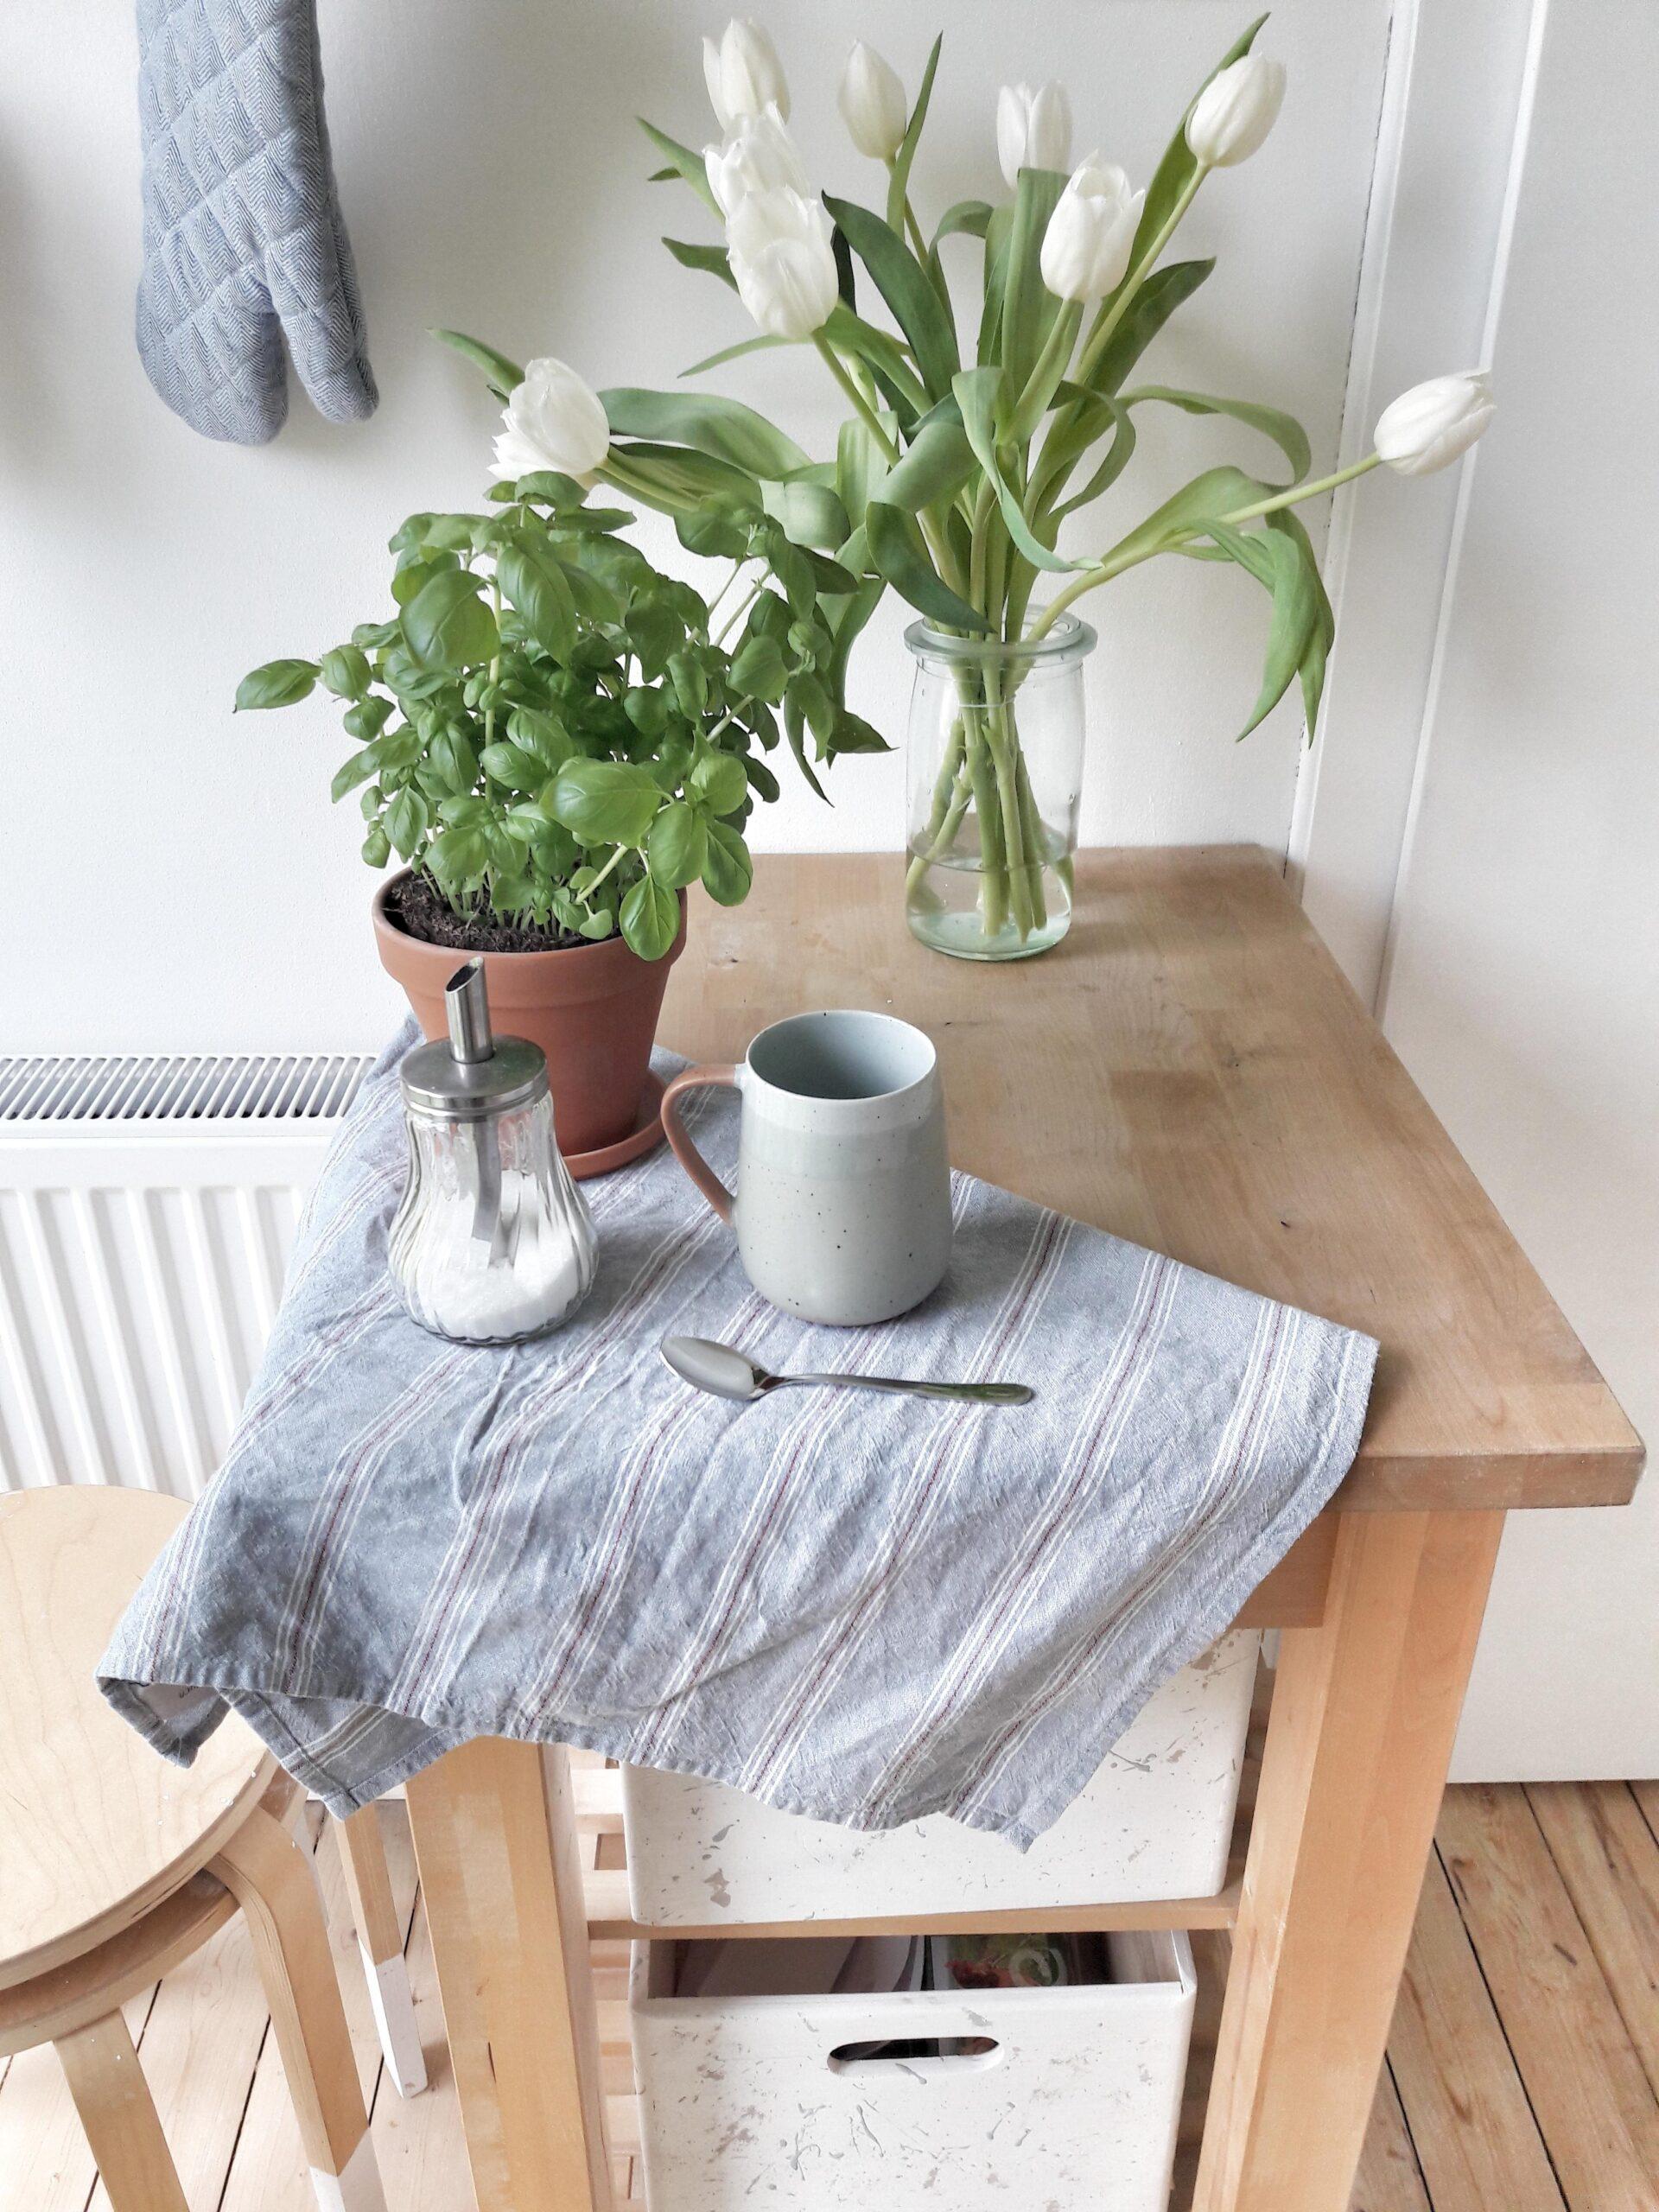 Full Size of Ikea Küche Kosten Kaufen Modulküche Betten 160x200 Bei Sofa Mit Schlaffunktion Miniküche Wohnzimmer Kücheninseln Ikea